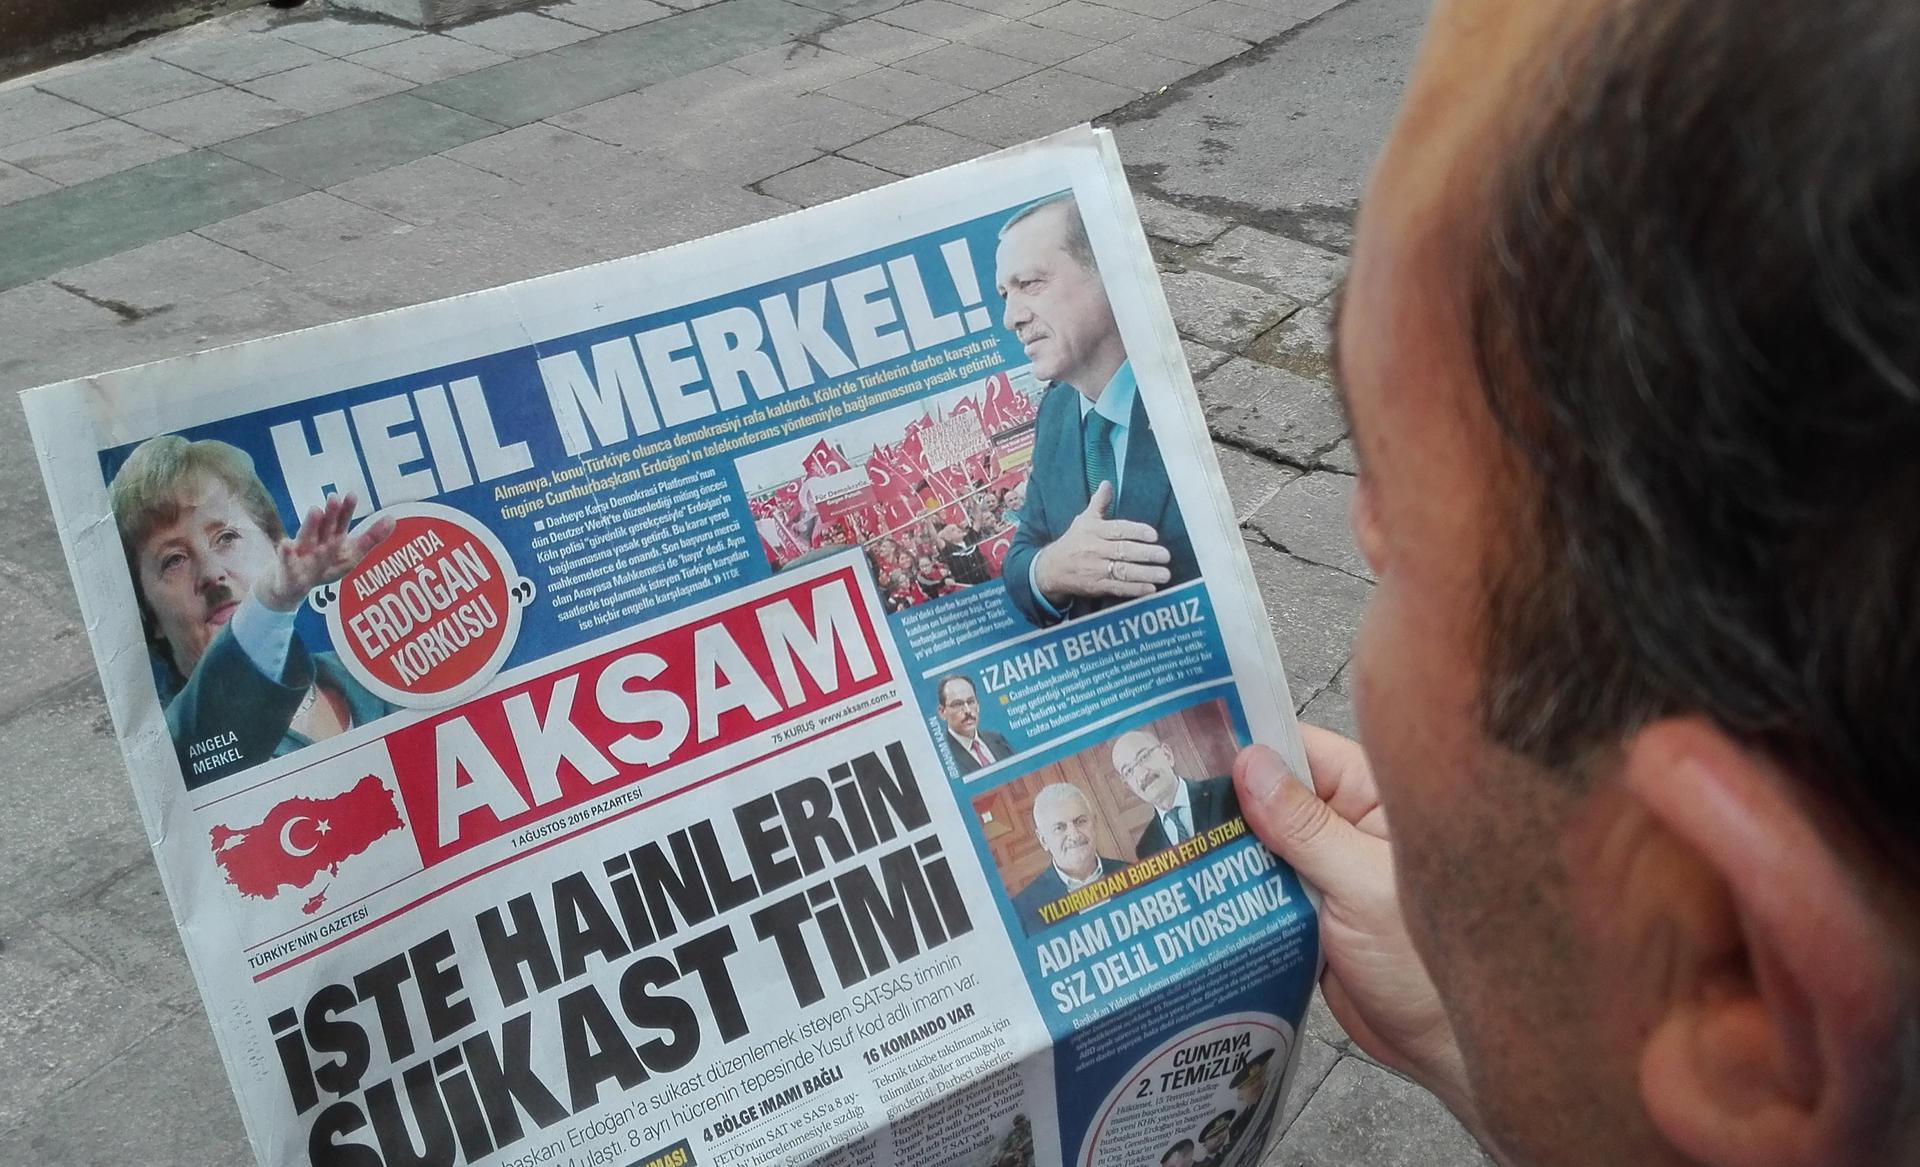 Heil Merkel